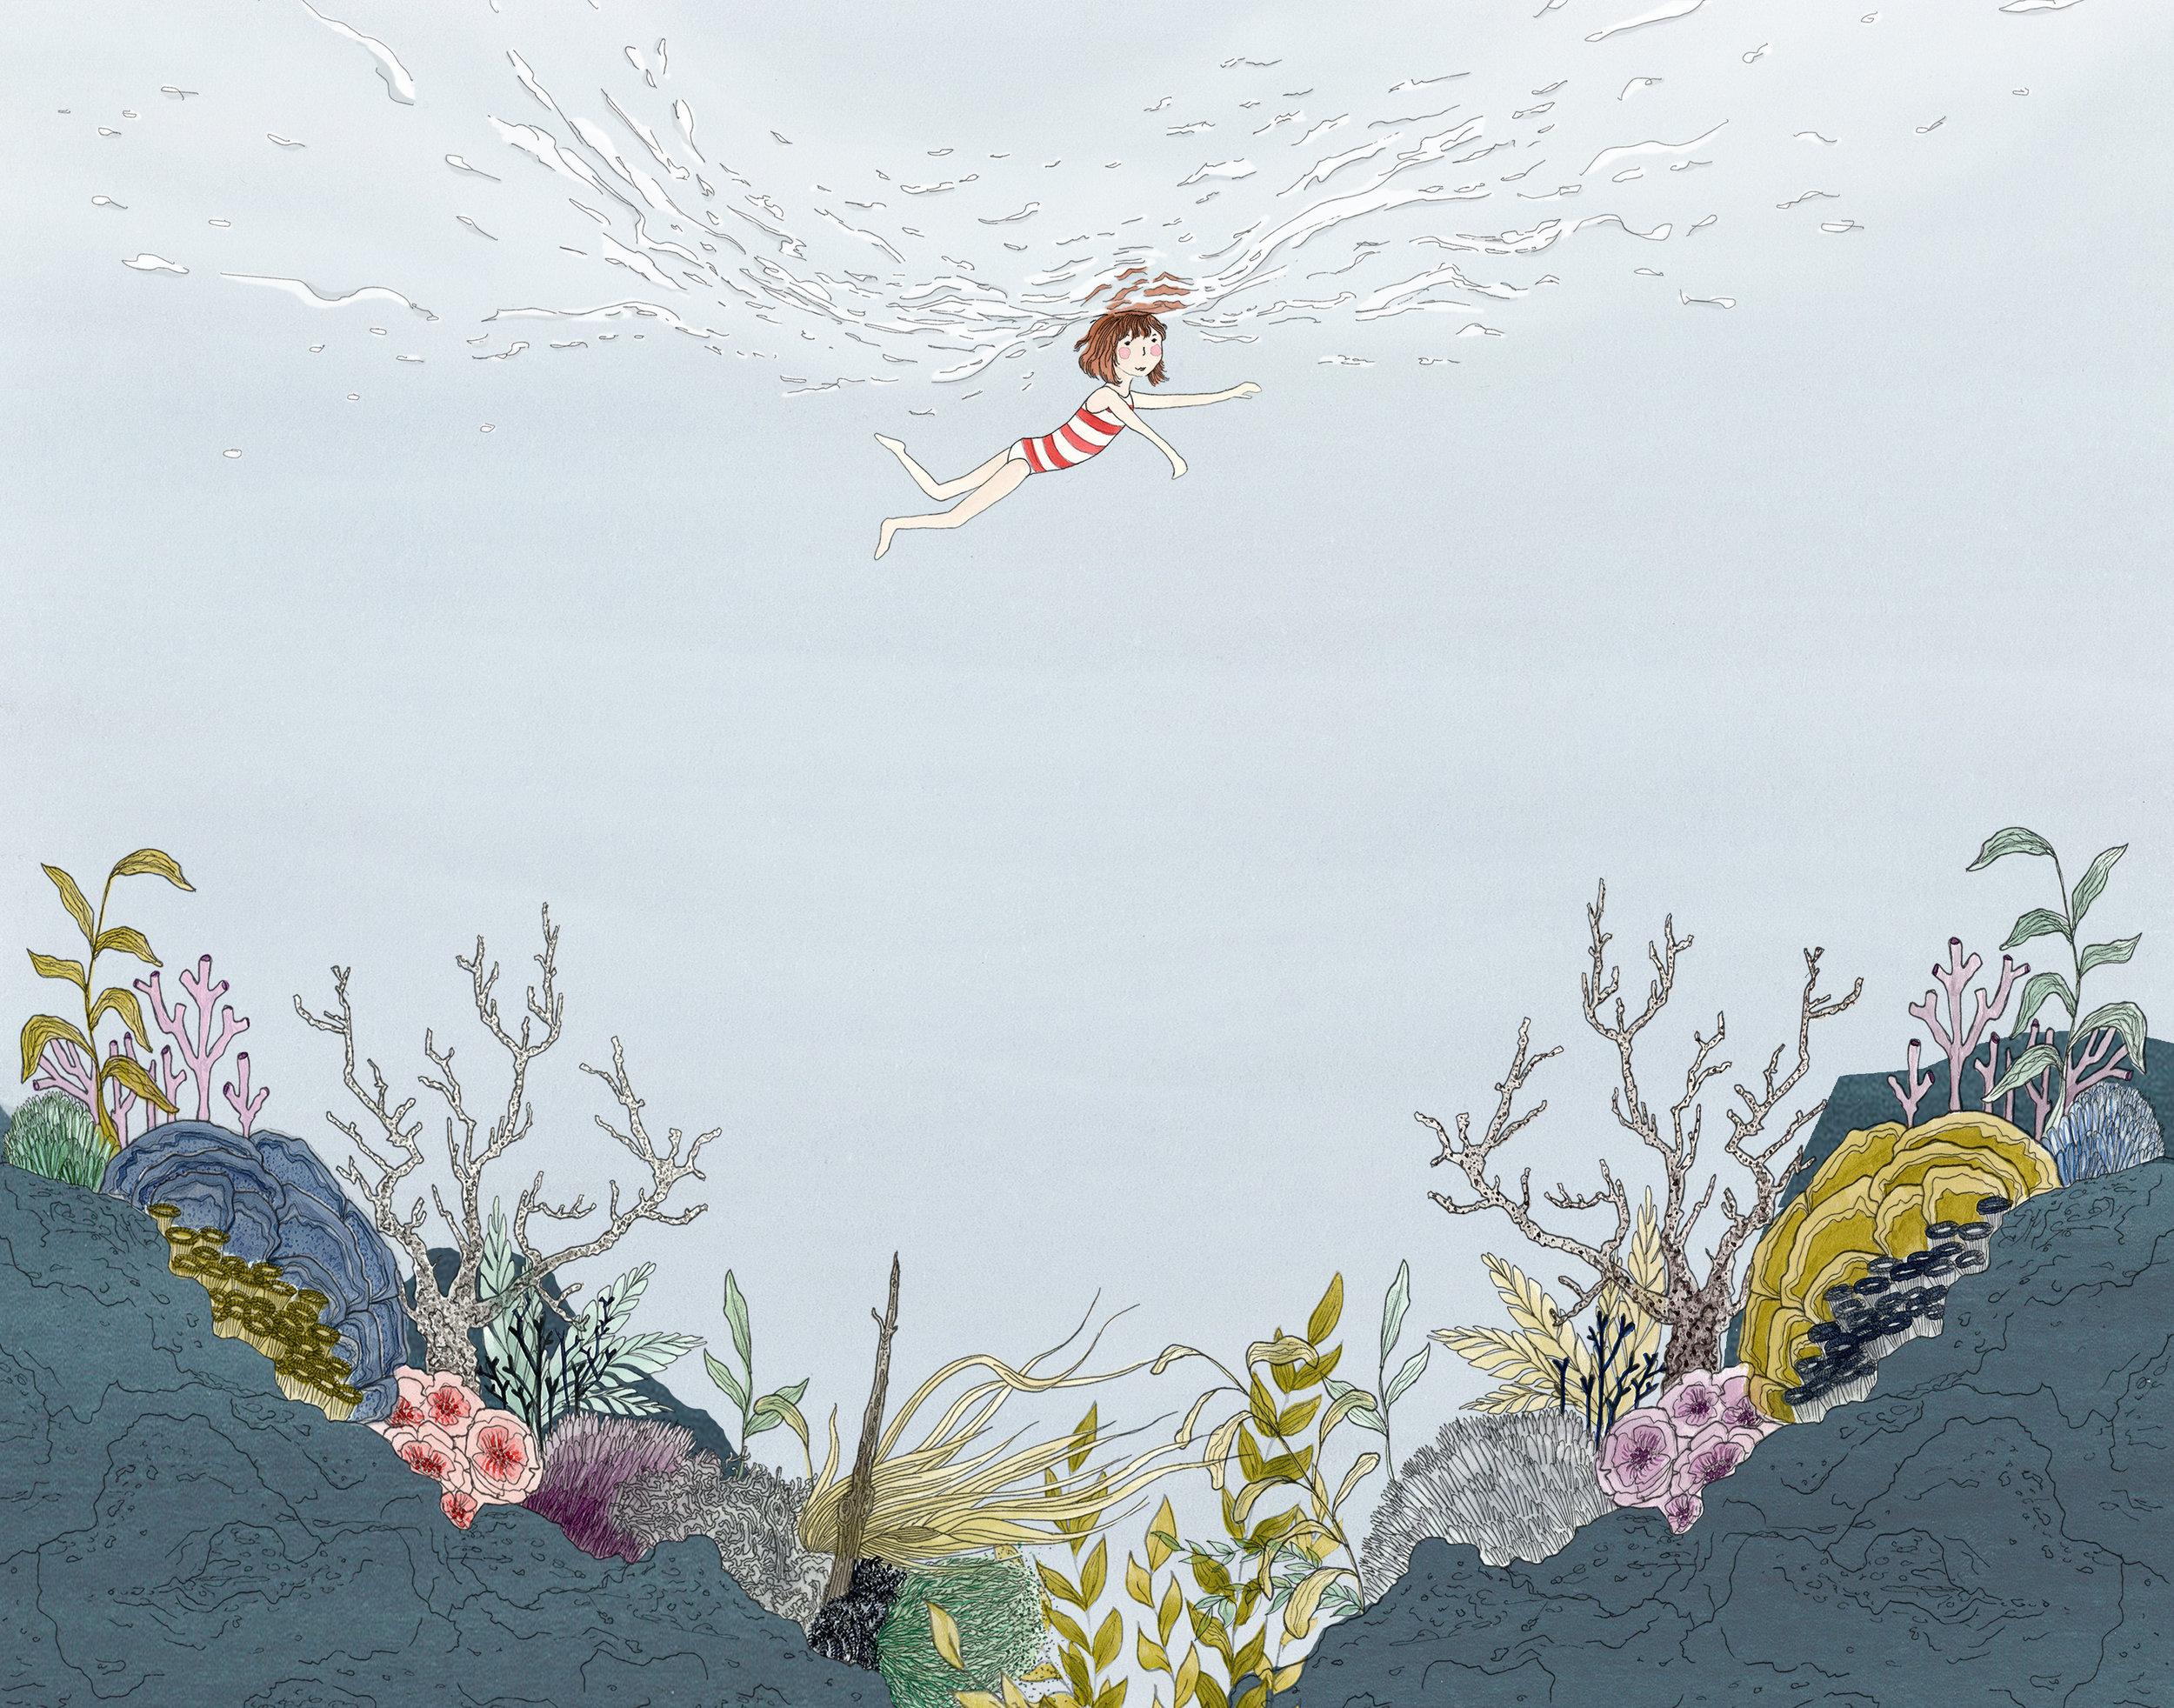 swimming11x14.jpg